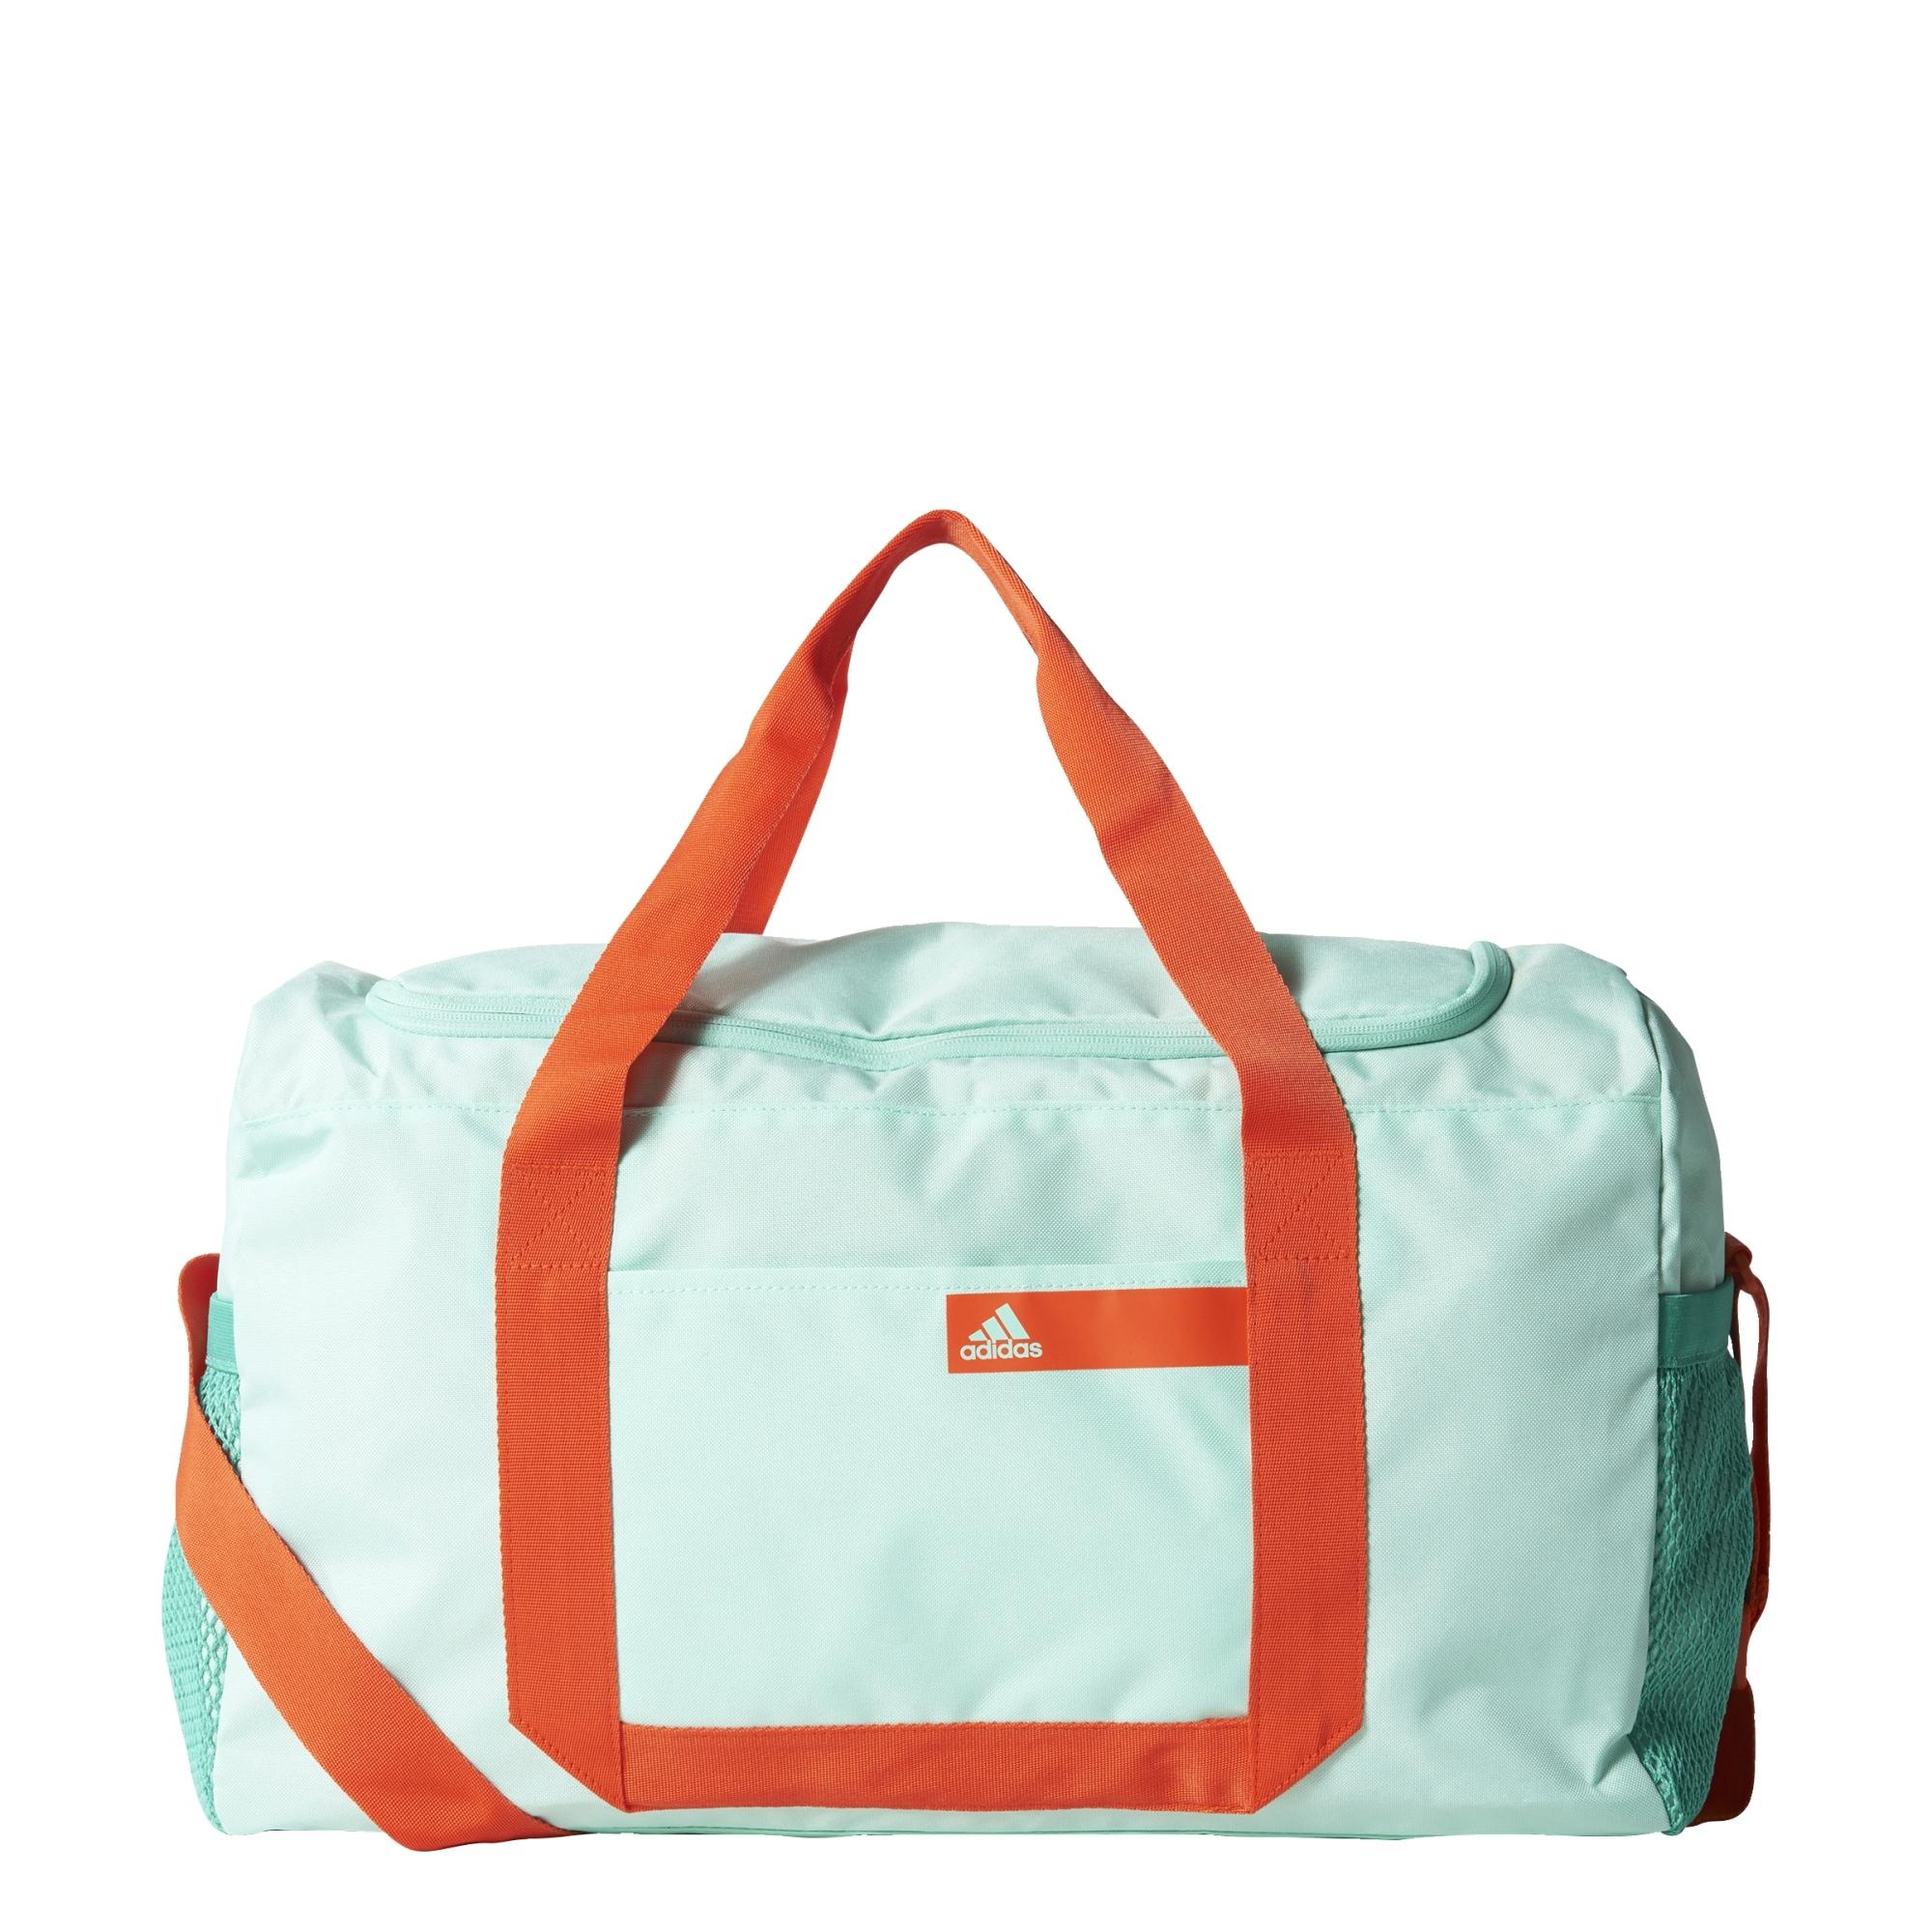 b222c238e0635 adidas GOOD TB M SOL taška | Športové oblečenie a športové potreby ...